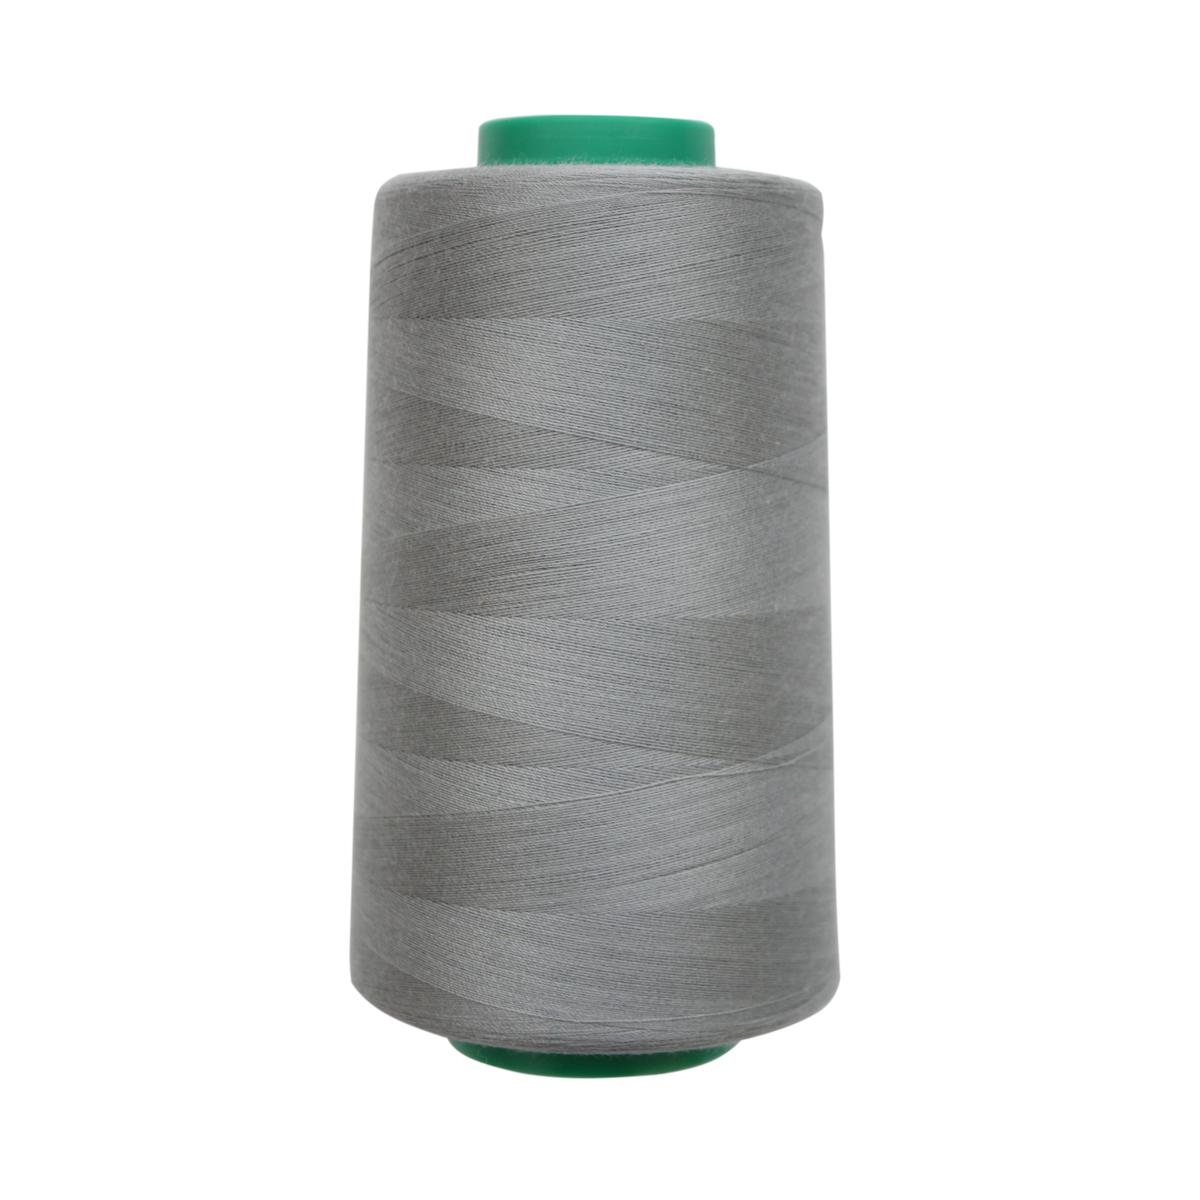 Нитки для шитья Bestex, цвет: серо-стальной (197), 50/2, 5000 ярдов (4572 м) набор шкатулок для рукоделия bestex 3 шт zw001250